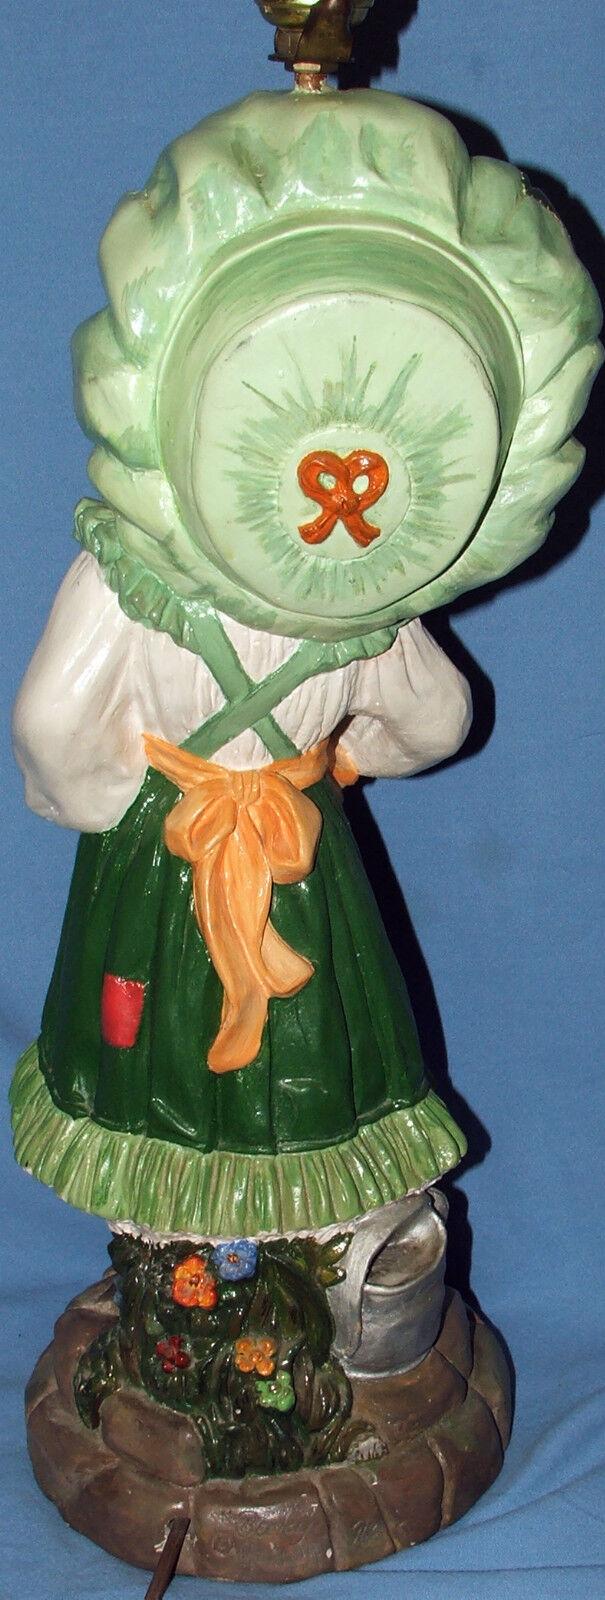 Rare Reglor Chalkware Becky 55.9cm Haut Lampe de Table Table Table Fonctionne Bien | Se Vendant Bien Partout Dans Le Monde  d4ab77